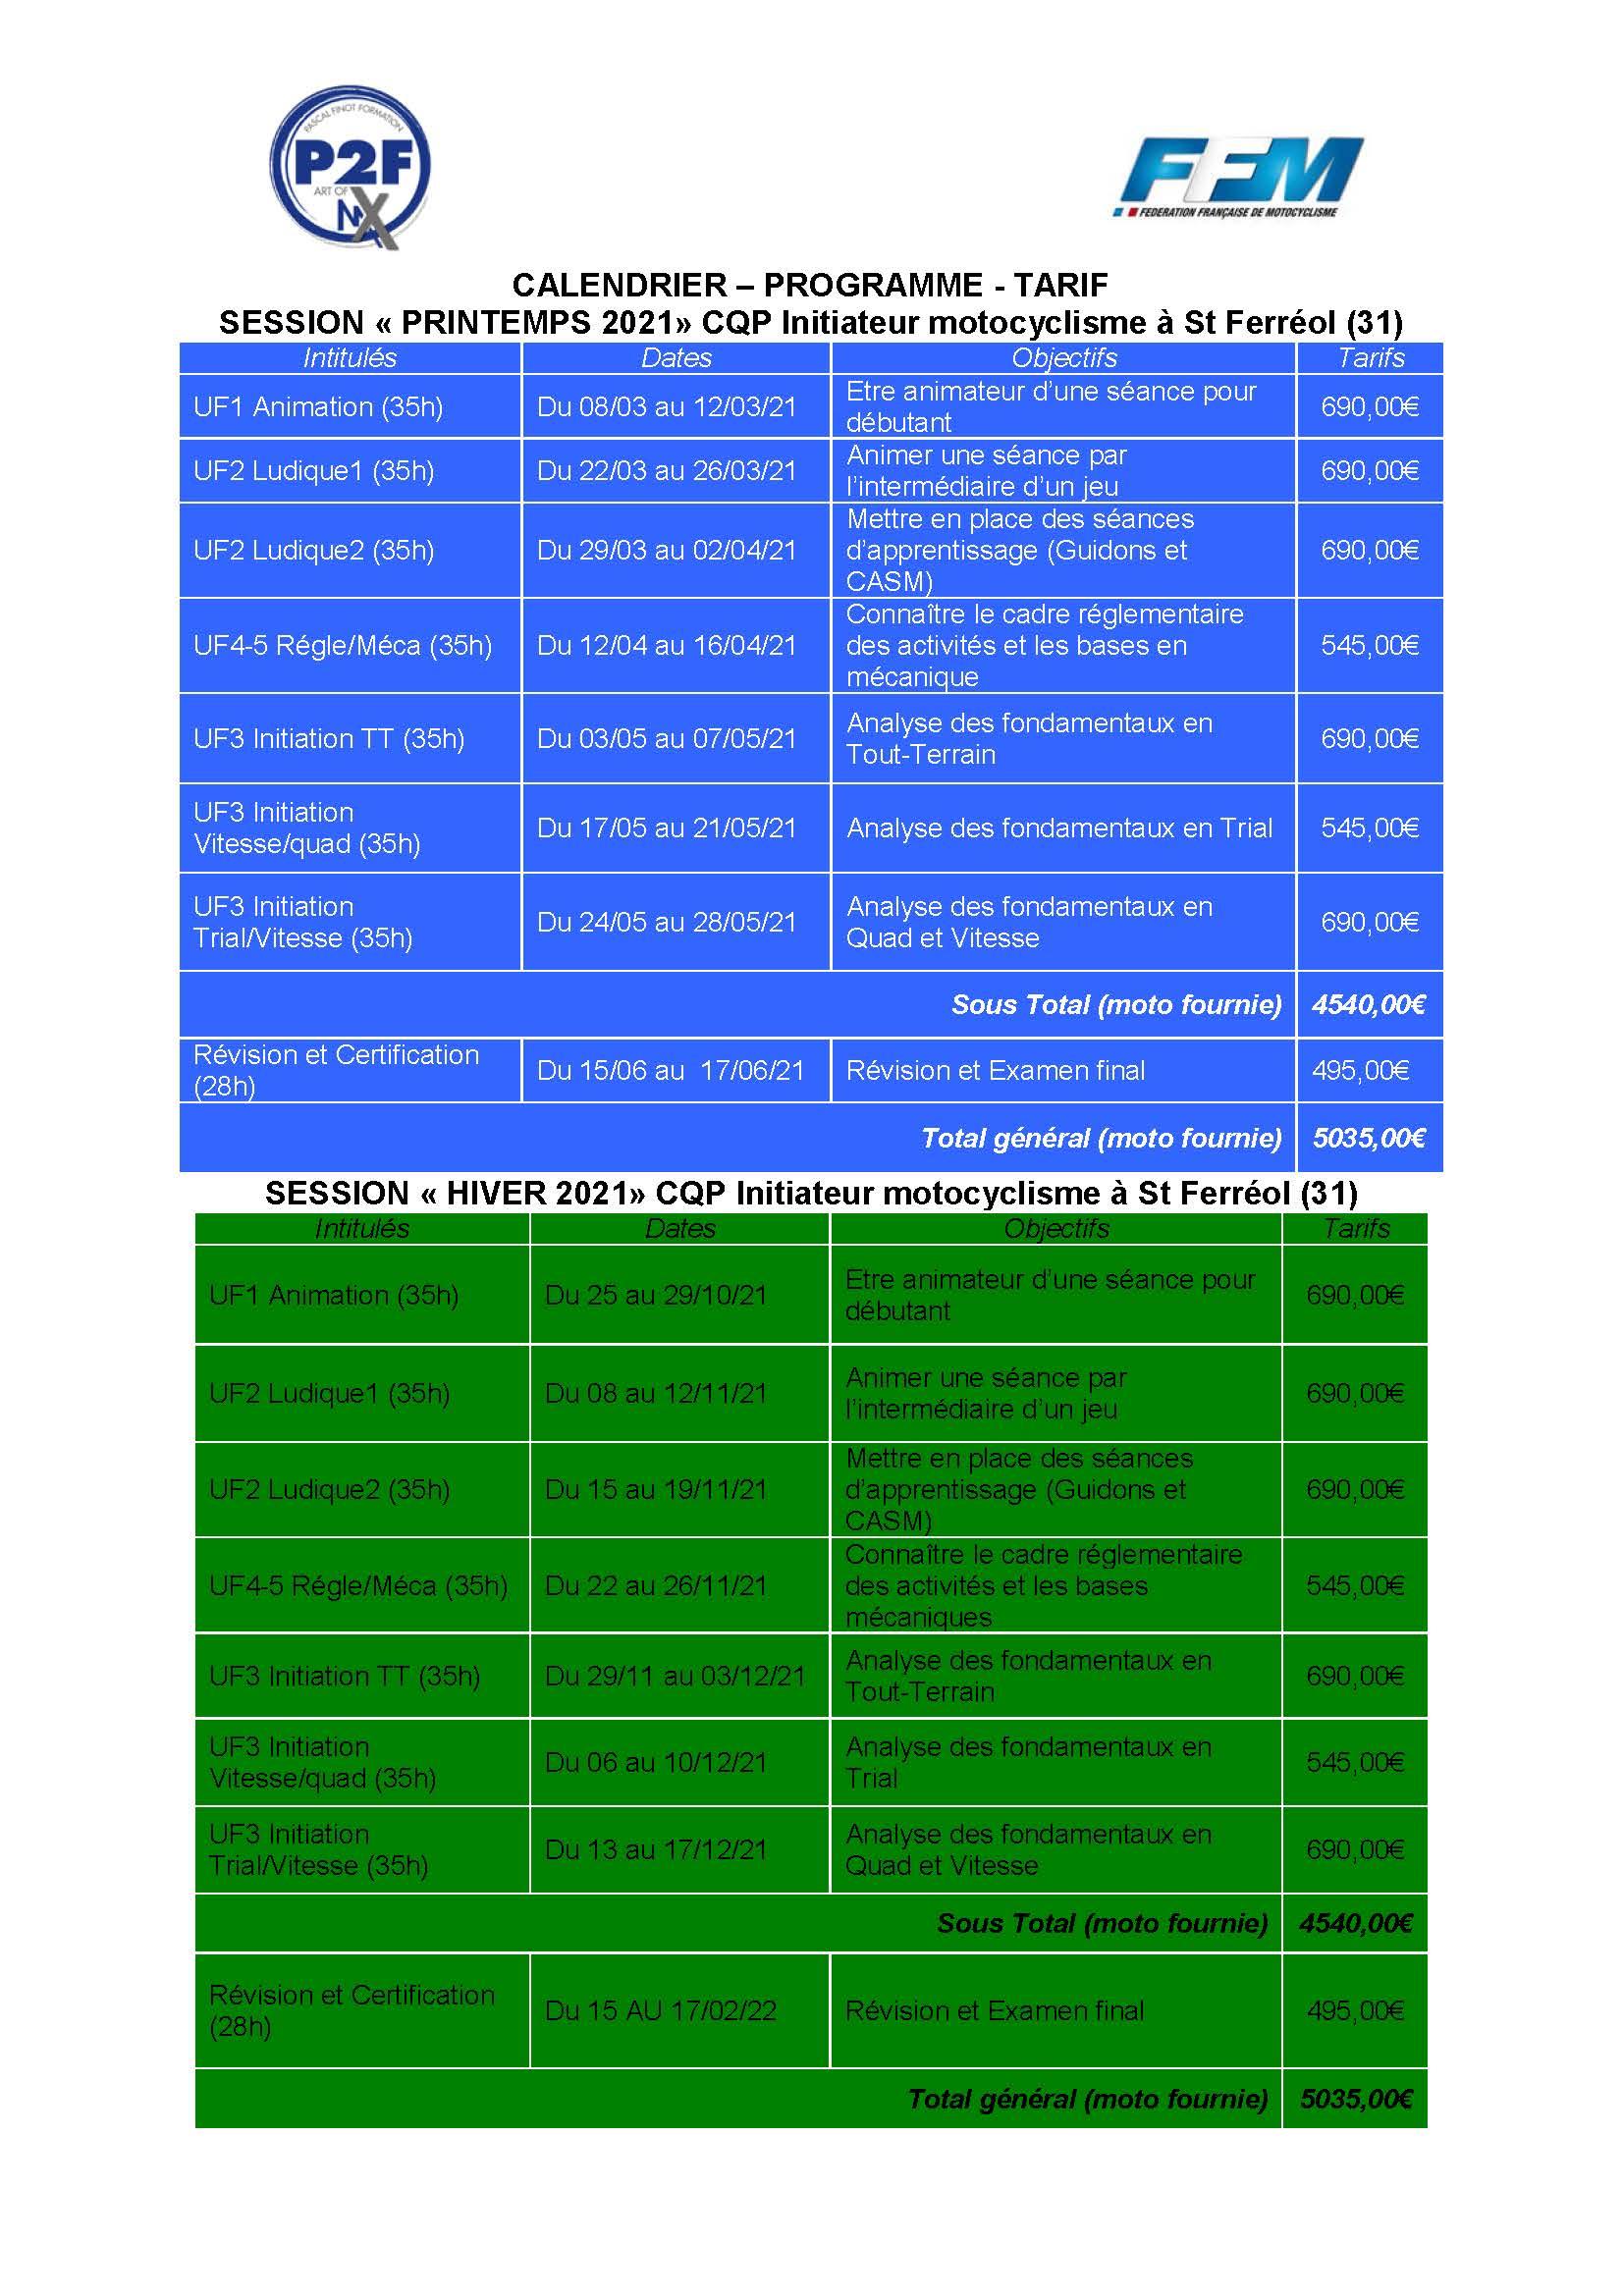 Calendrier CQP Init 2021